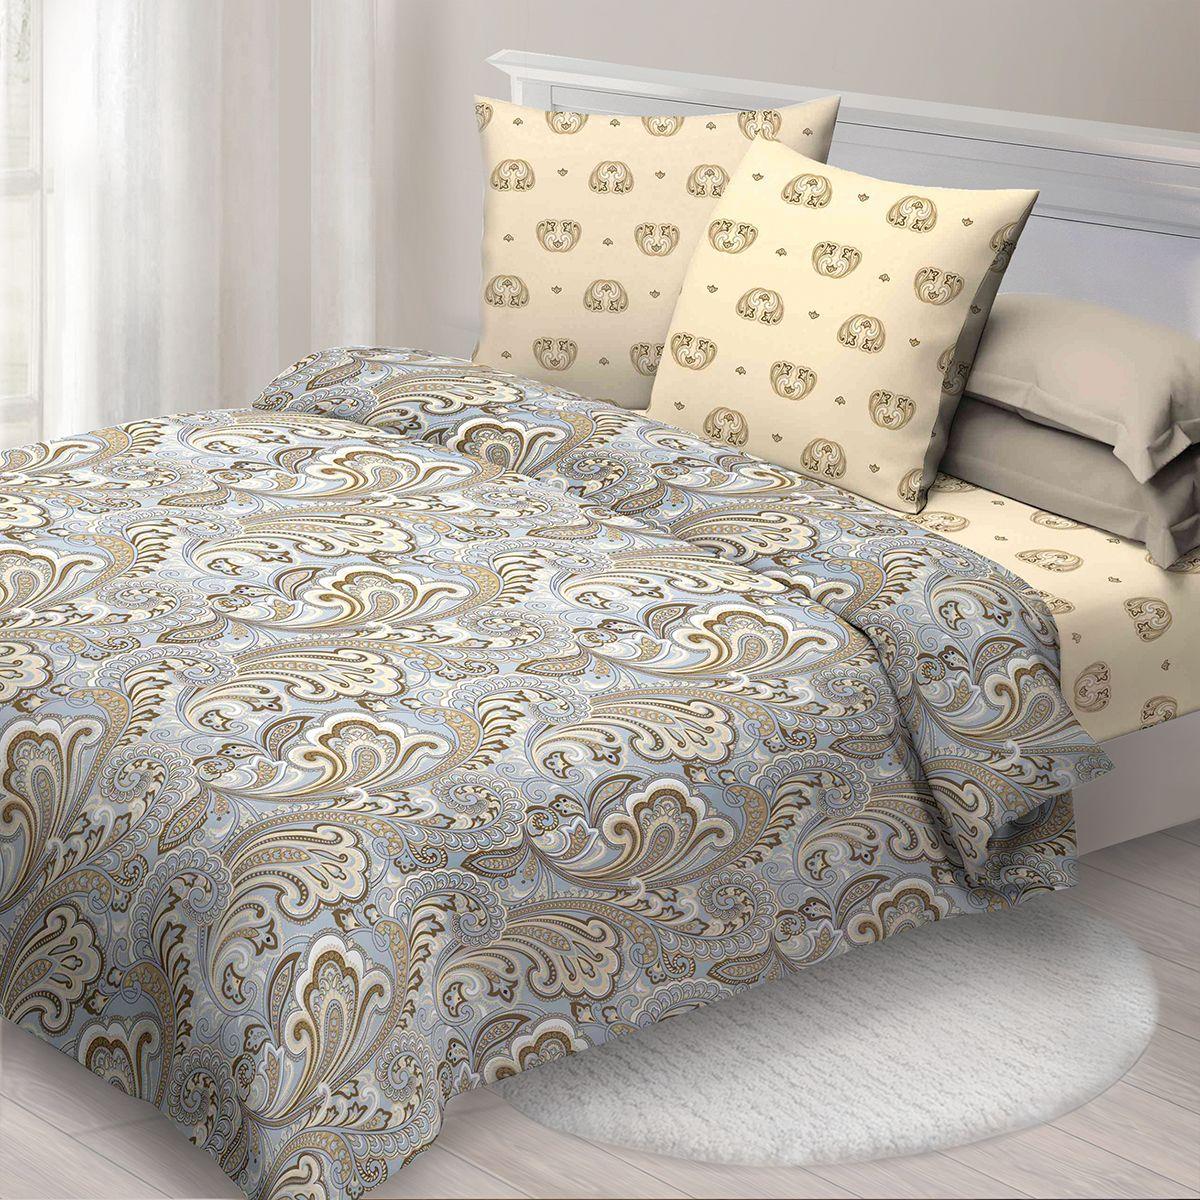 Комплект белья Спал Спалыч Тамилла, 2-х спальное, наволочки 70x70, цвет: голубой. 3907-182454